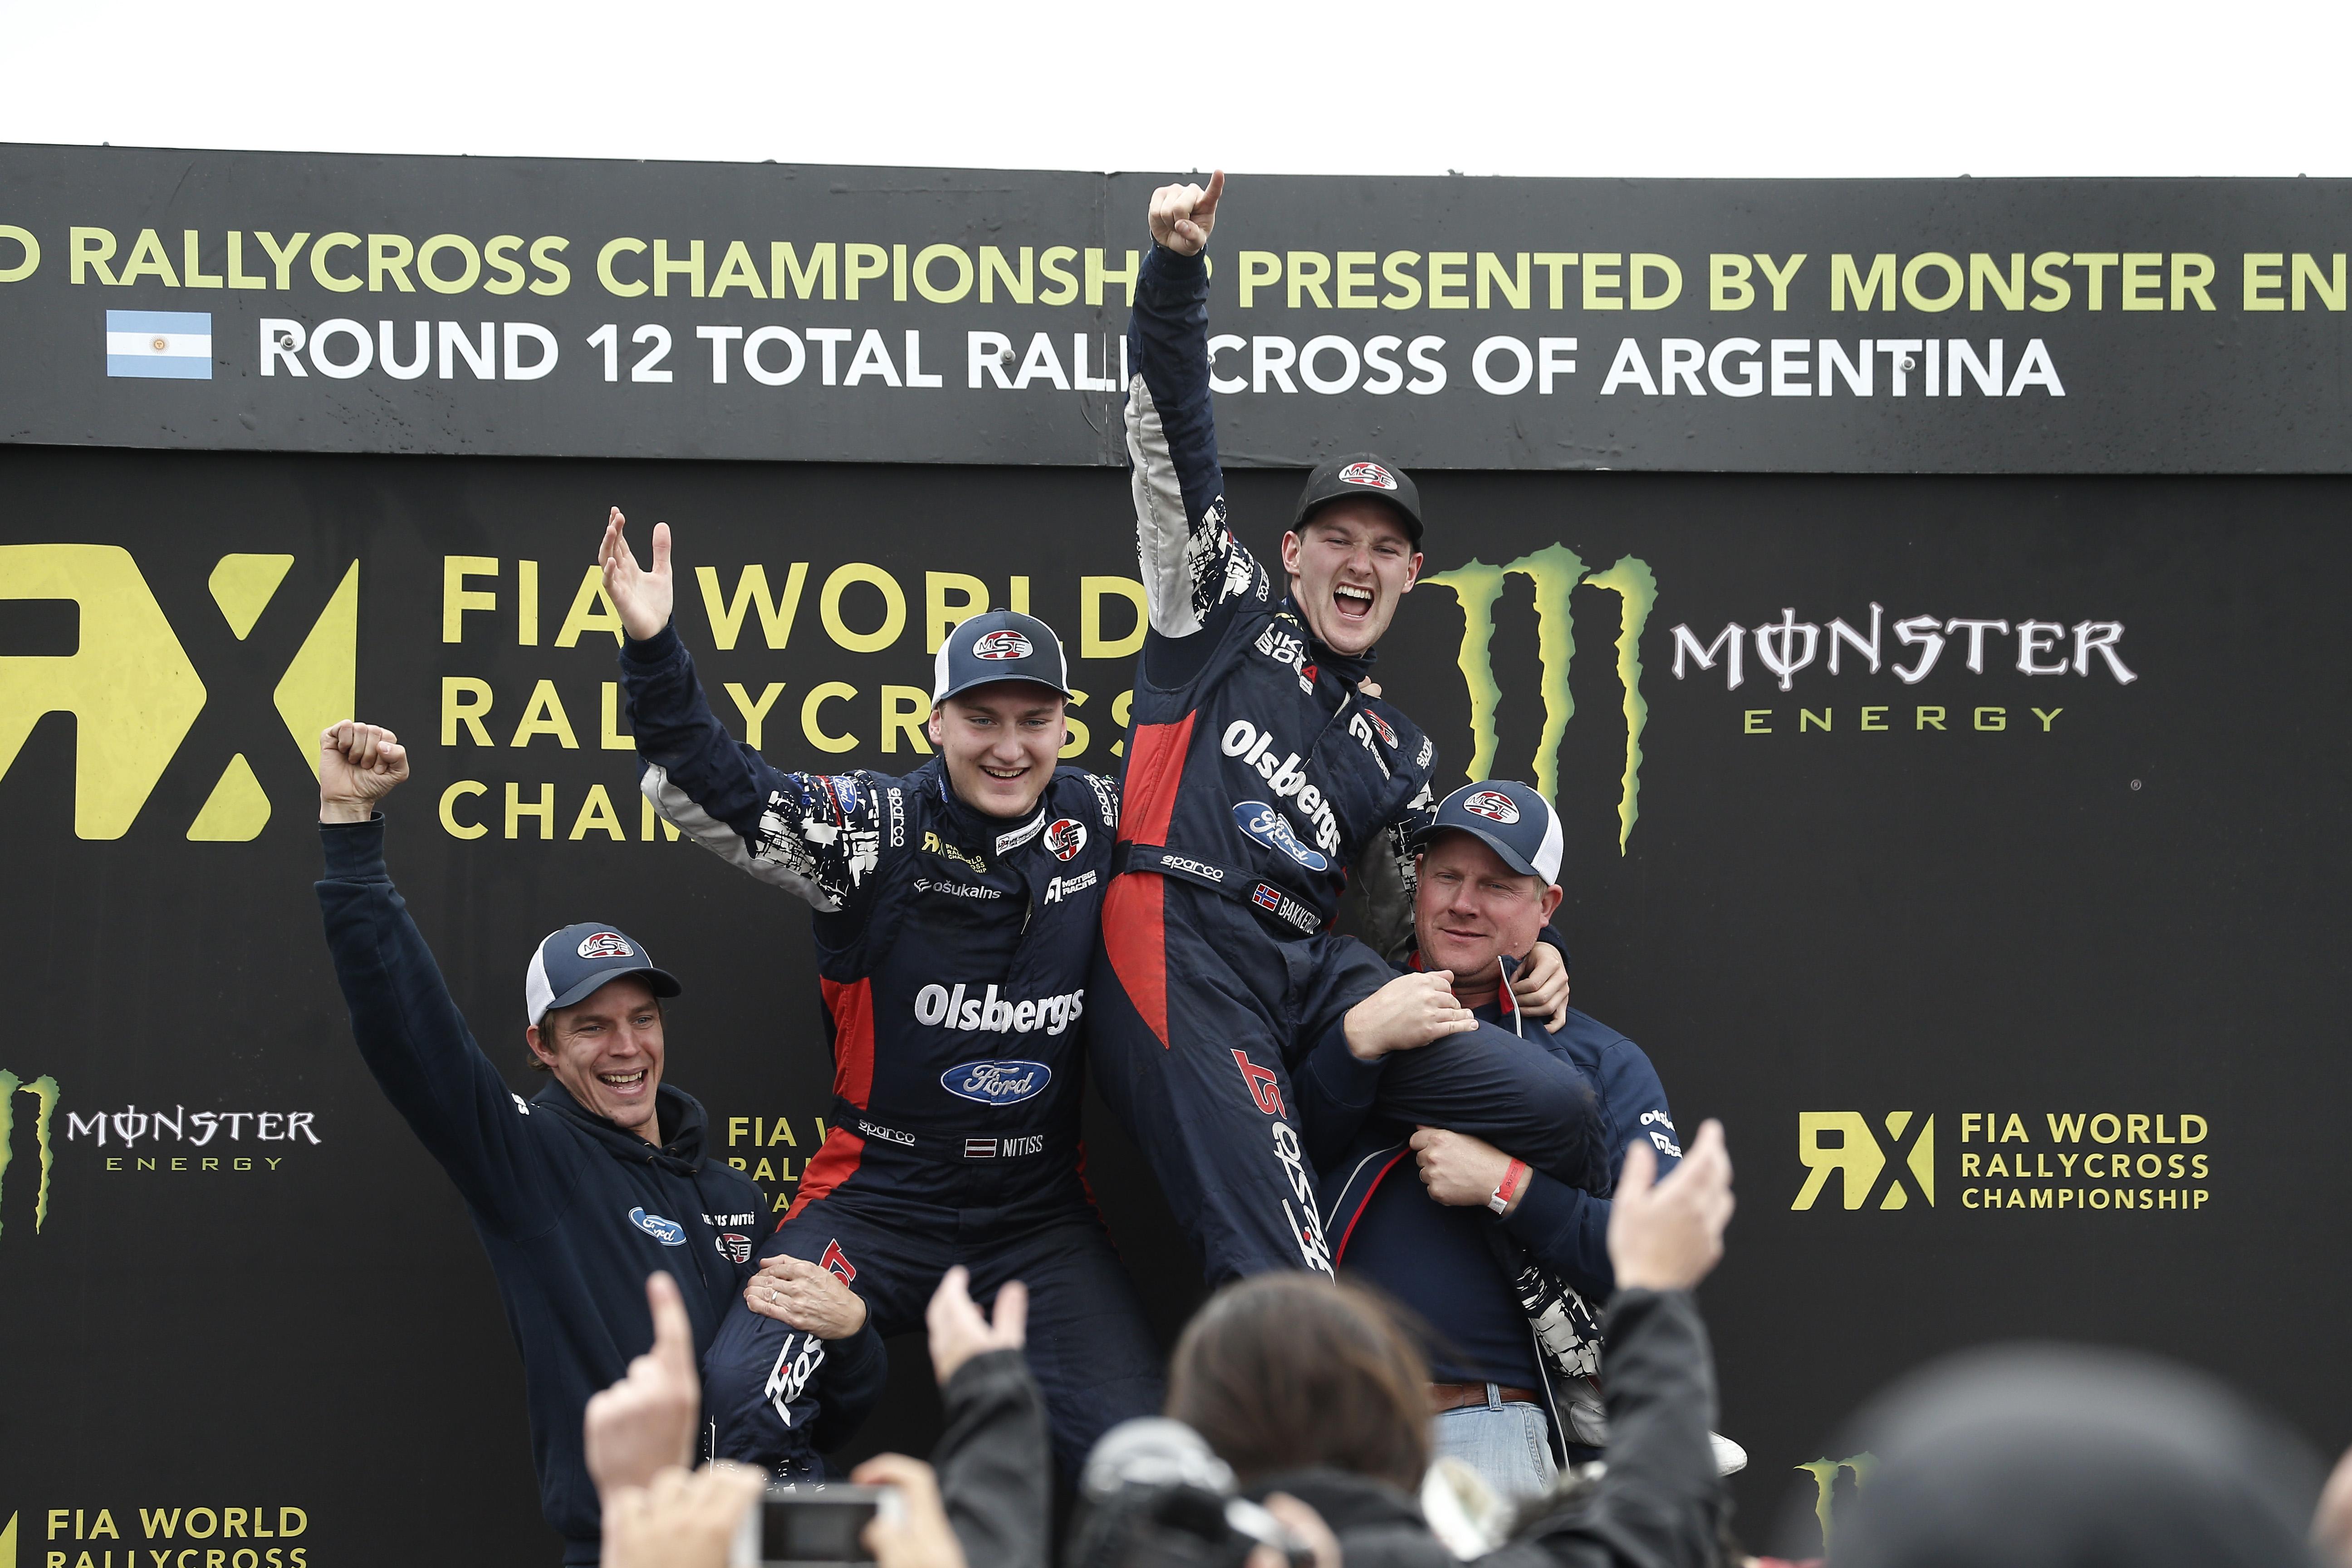 FIA RX: in Argentina Solberg vince, Titolo per la Ford Olsbergs MSE